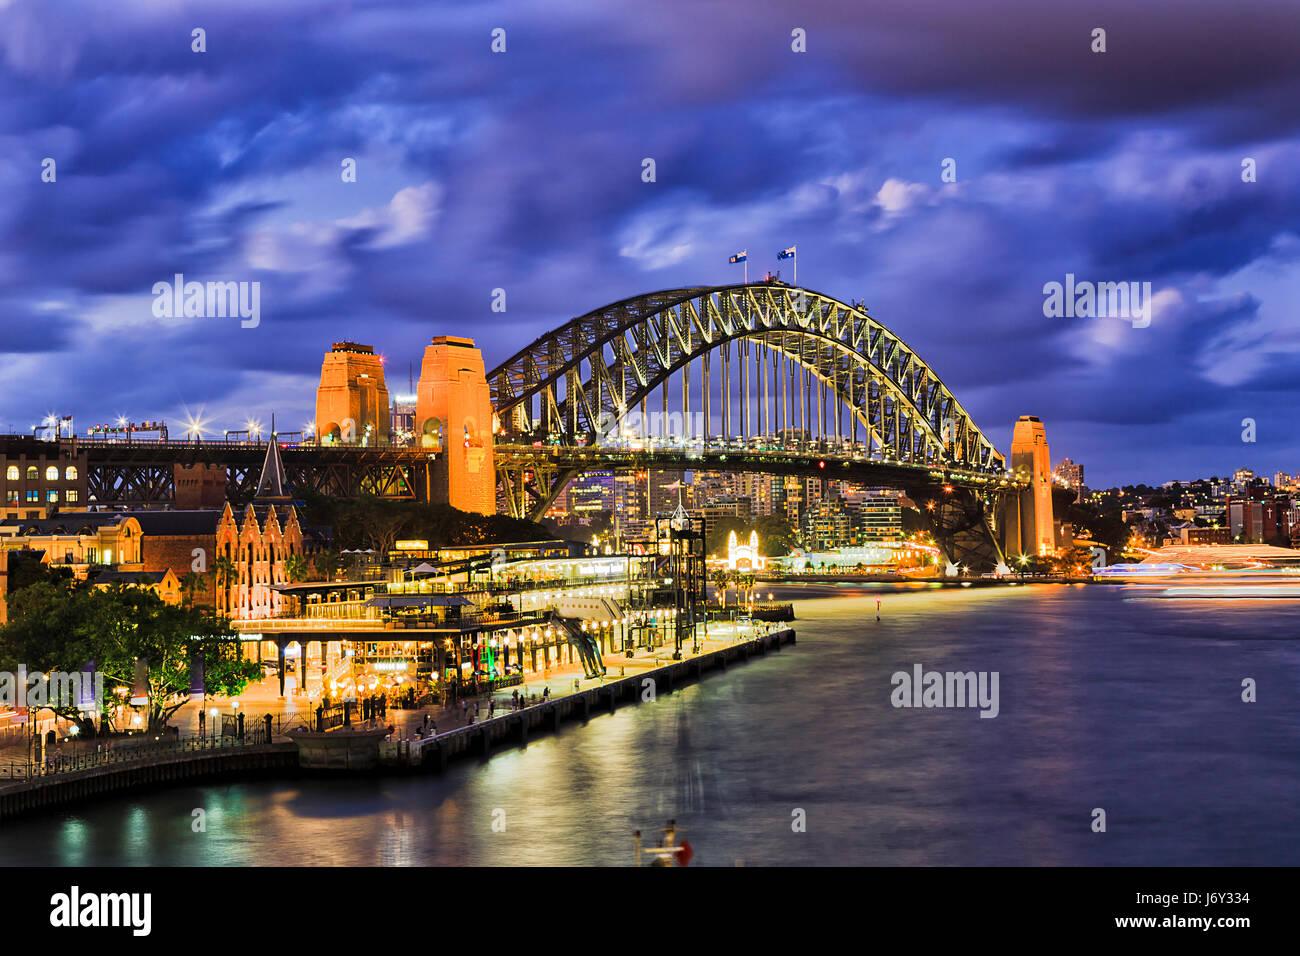 Riesige beleuchtete Bogen der Sydney Harbour Bridge Stadt CBD von den Felsen nach North Sydney verbindet. Helle Stockbild